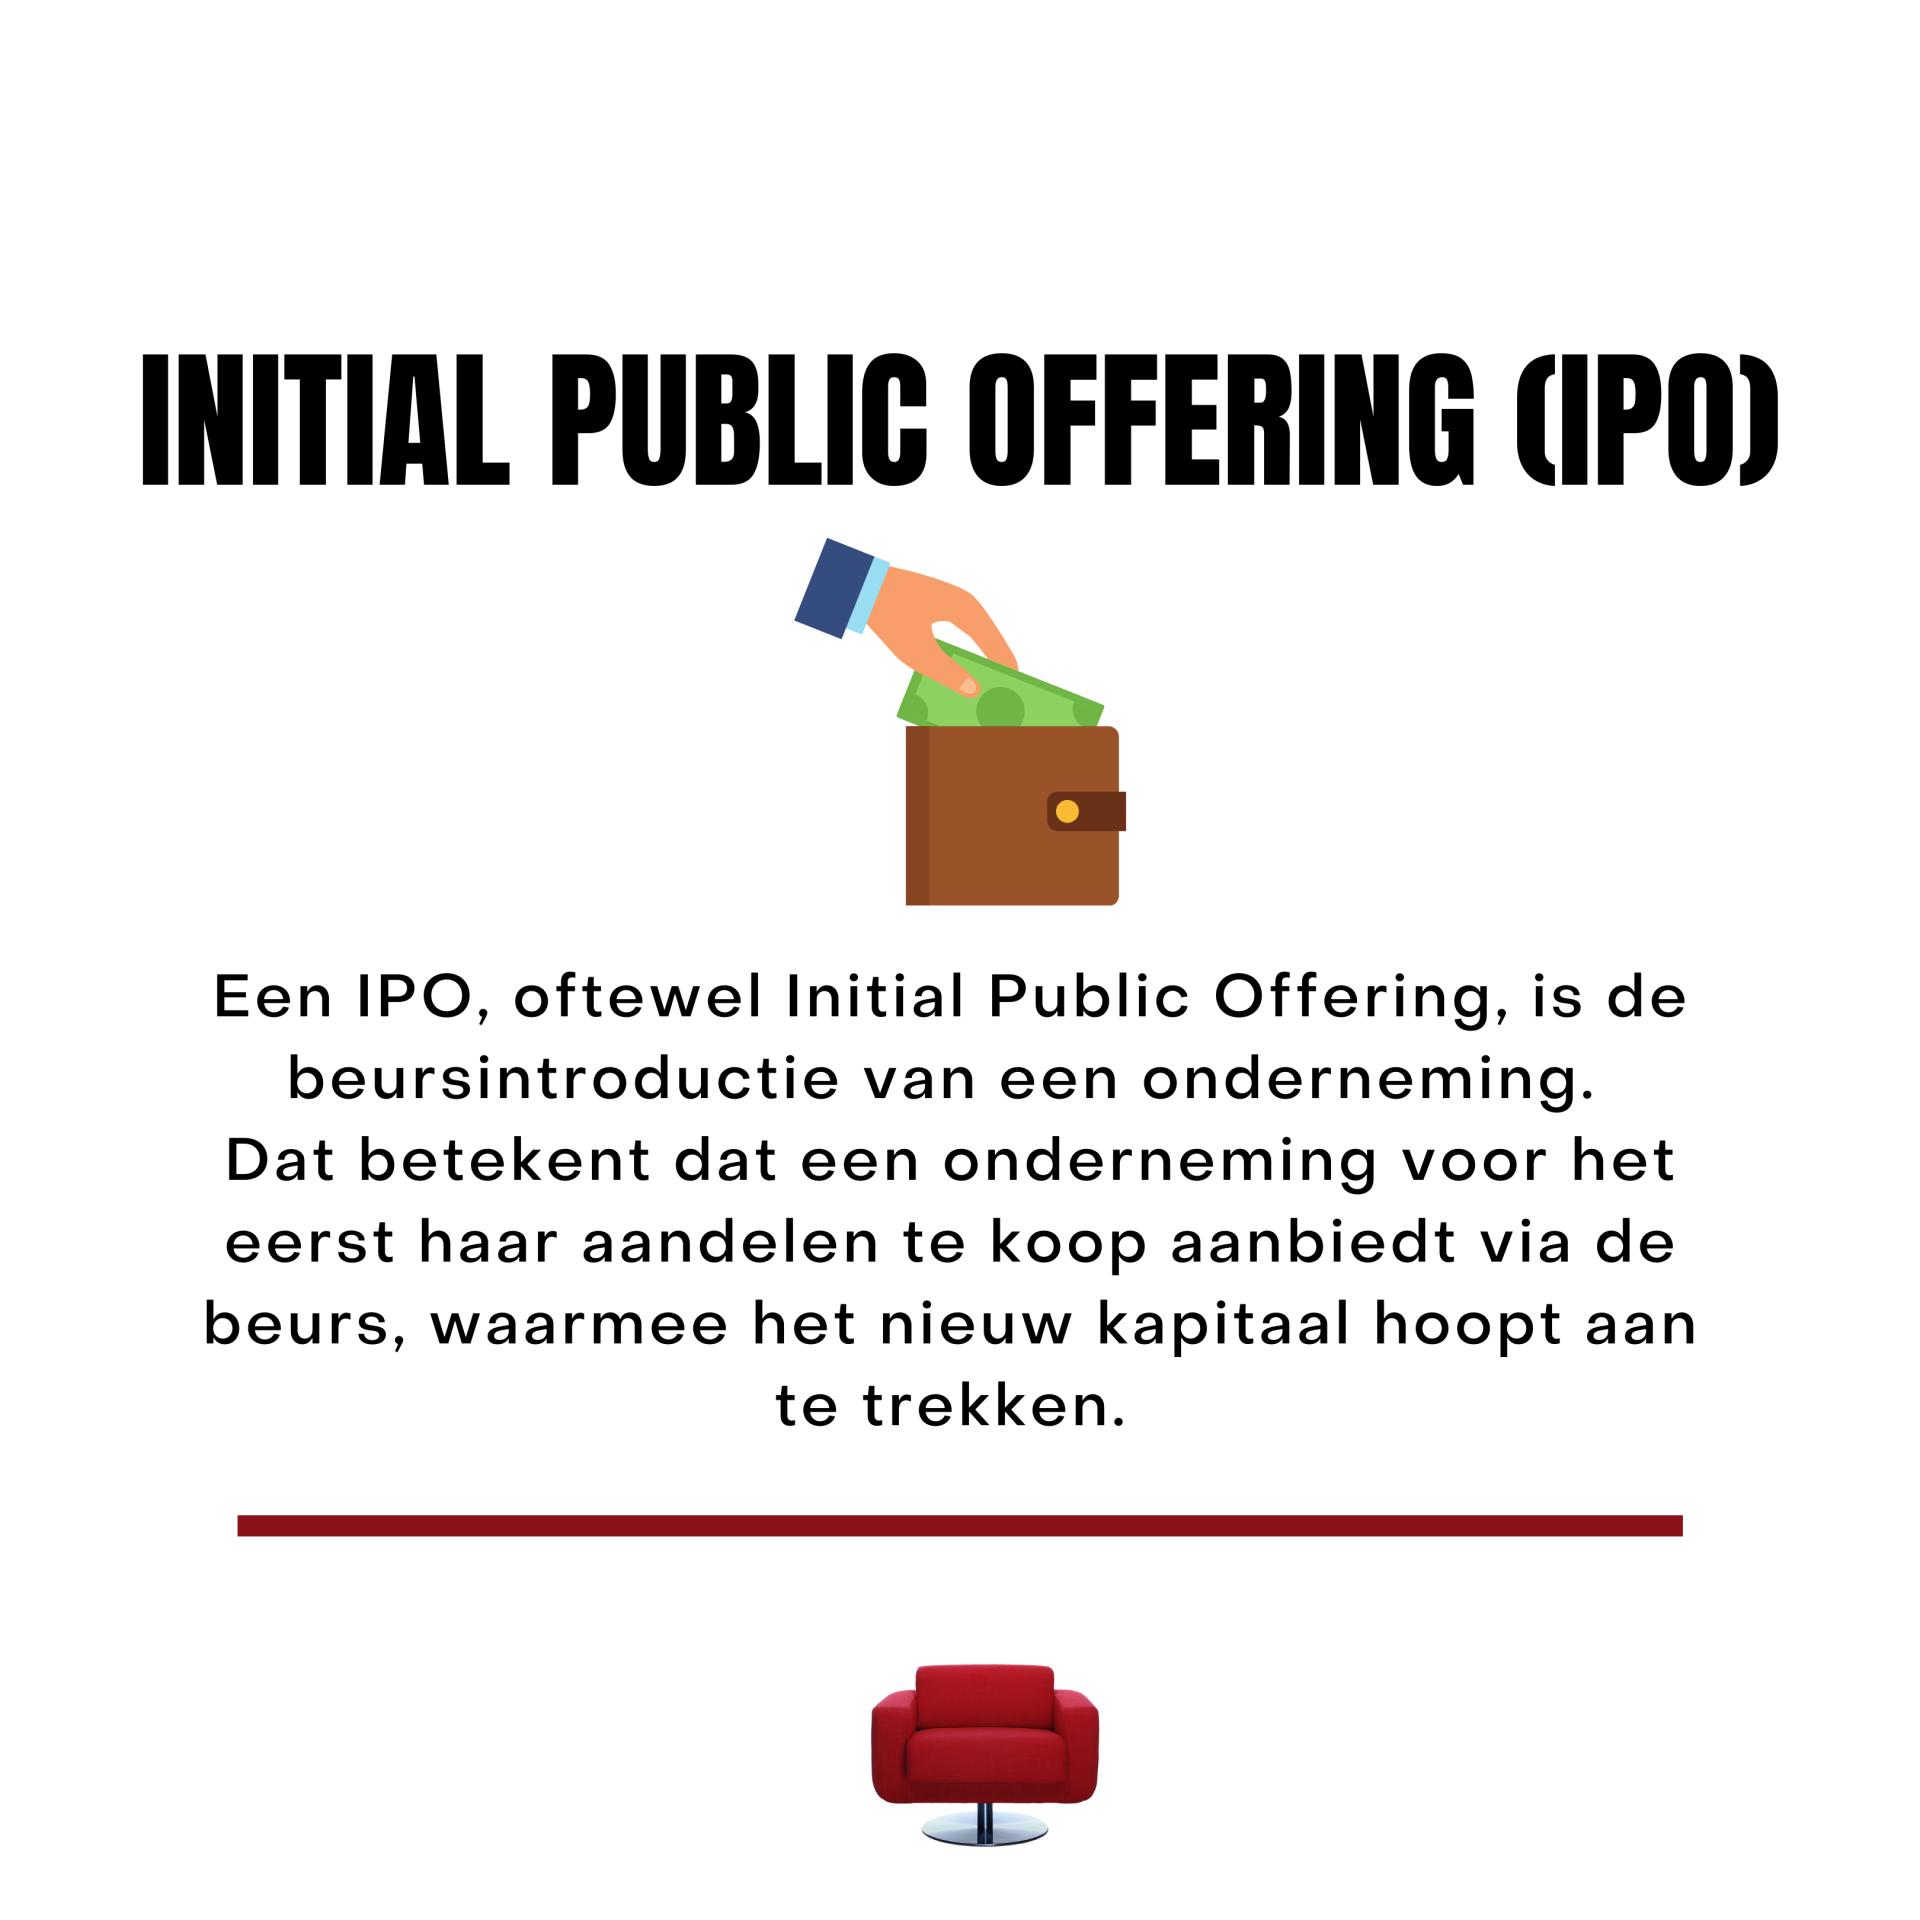 Instagram Beleggingsinstituut IPO tbv Market cap